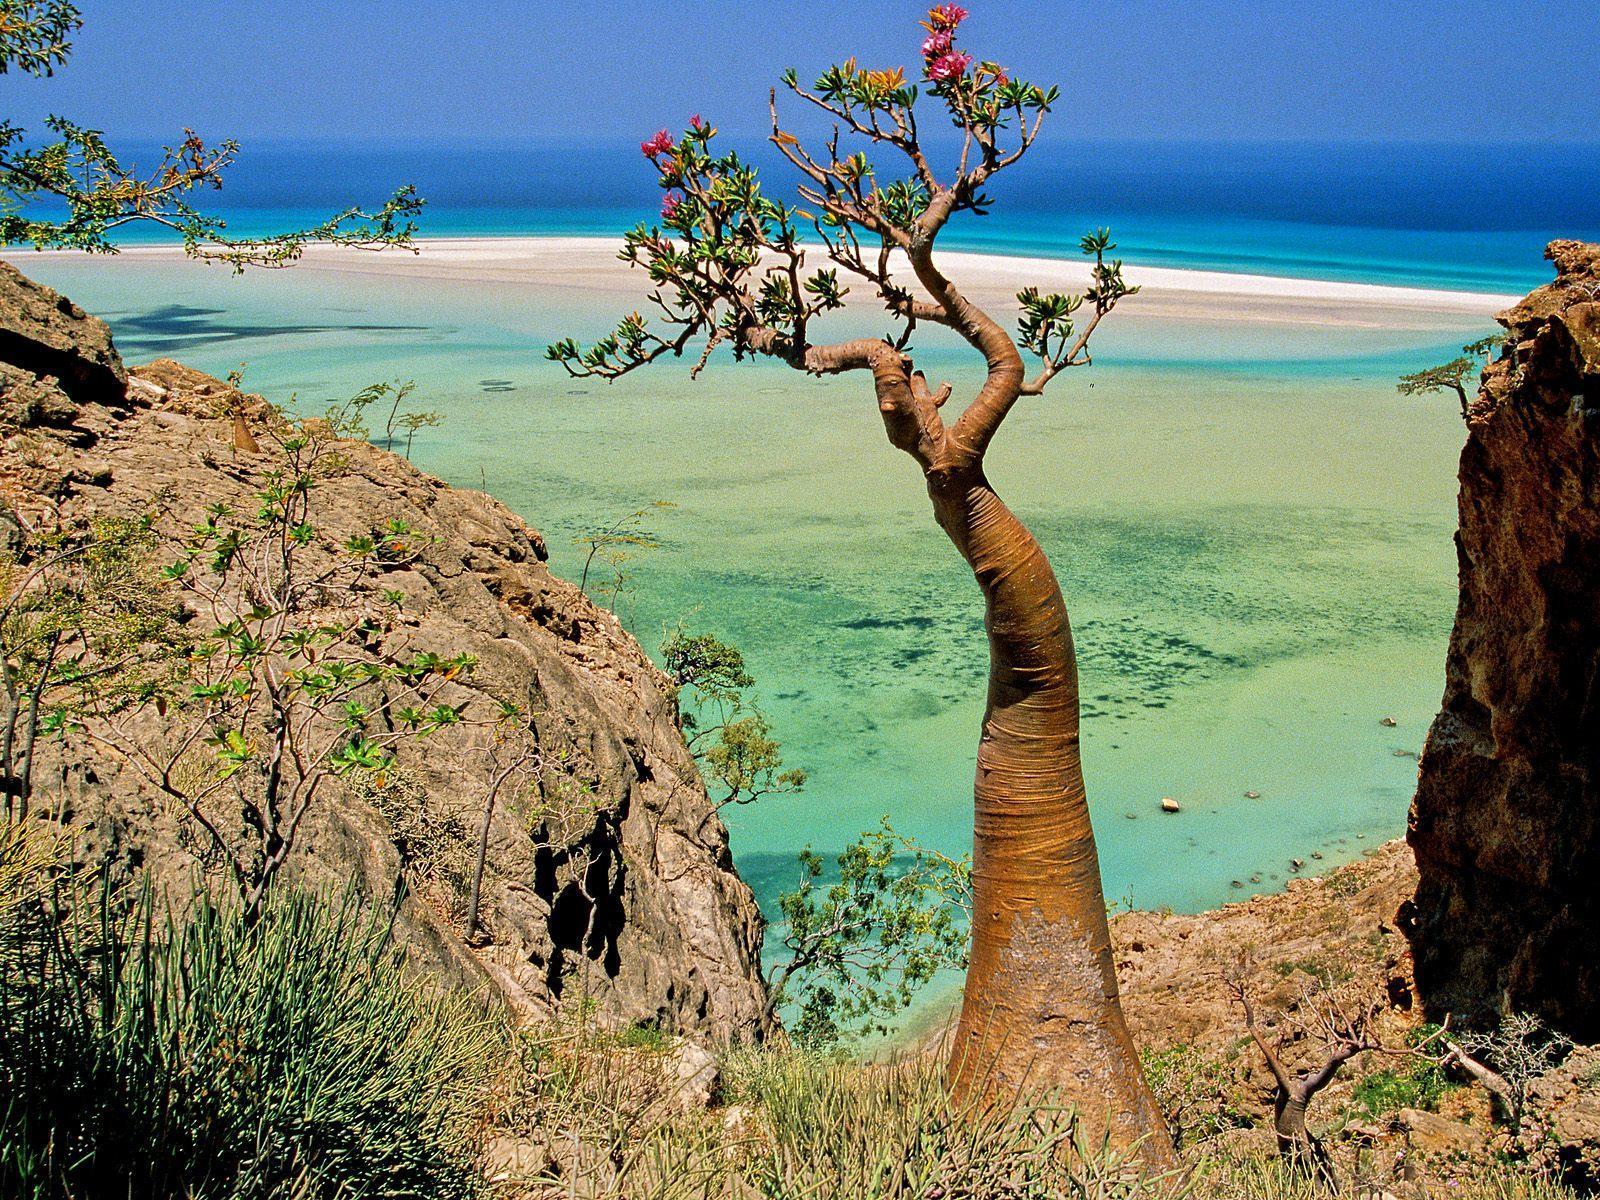 جزیره دور افتاده با درختانی عجیب